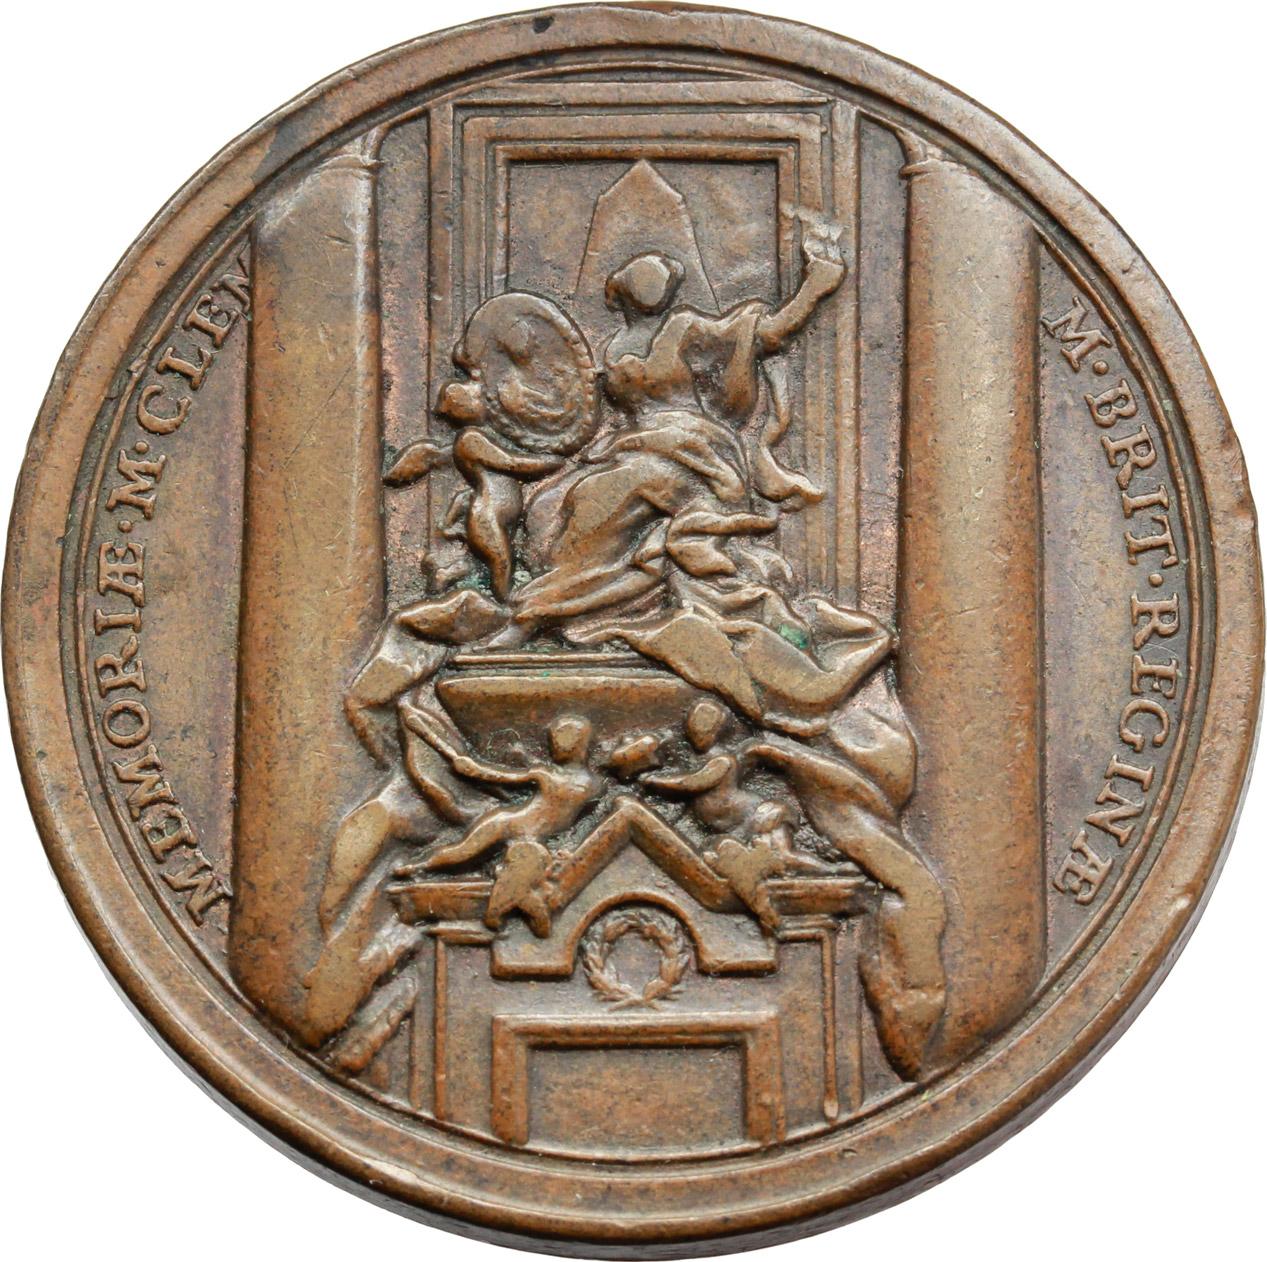 R/ Benedetto XIV (1740-1758), Prospero Lambertini. Medaglia A. III.  D/ BENED XIV PONT MAX A. III. Busto a destra con camauro, mozzetta e stola. R/ MEMORIAE M. CLEM M. BRIT REGINAE. Monumento funebre  in San Pietro. Patr. 13. AE.   mm. 35.00    BB+.